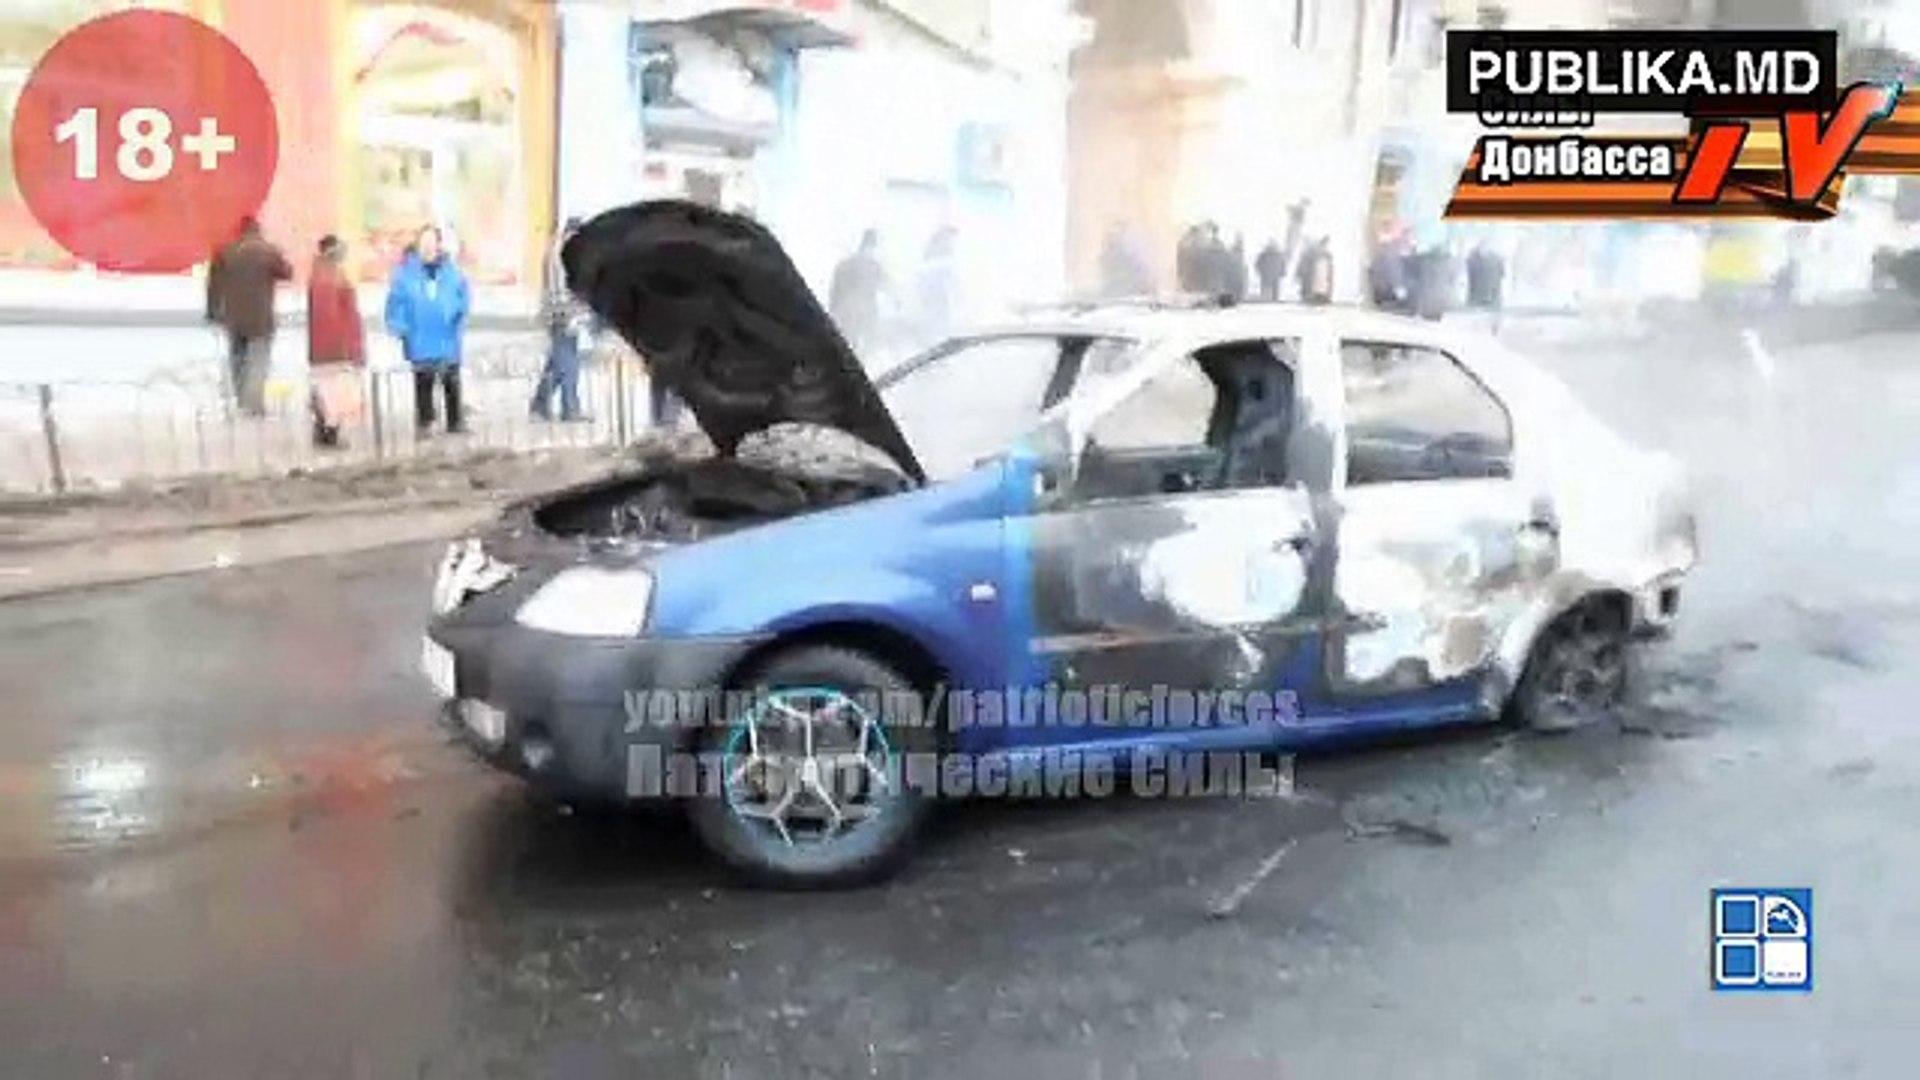 Tragedie la Doneţk. Un proiectil a nimerit într-o staţie de troleibuz aglomerată. Cel puţin nouă oam